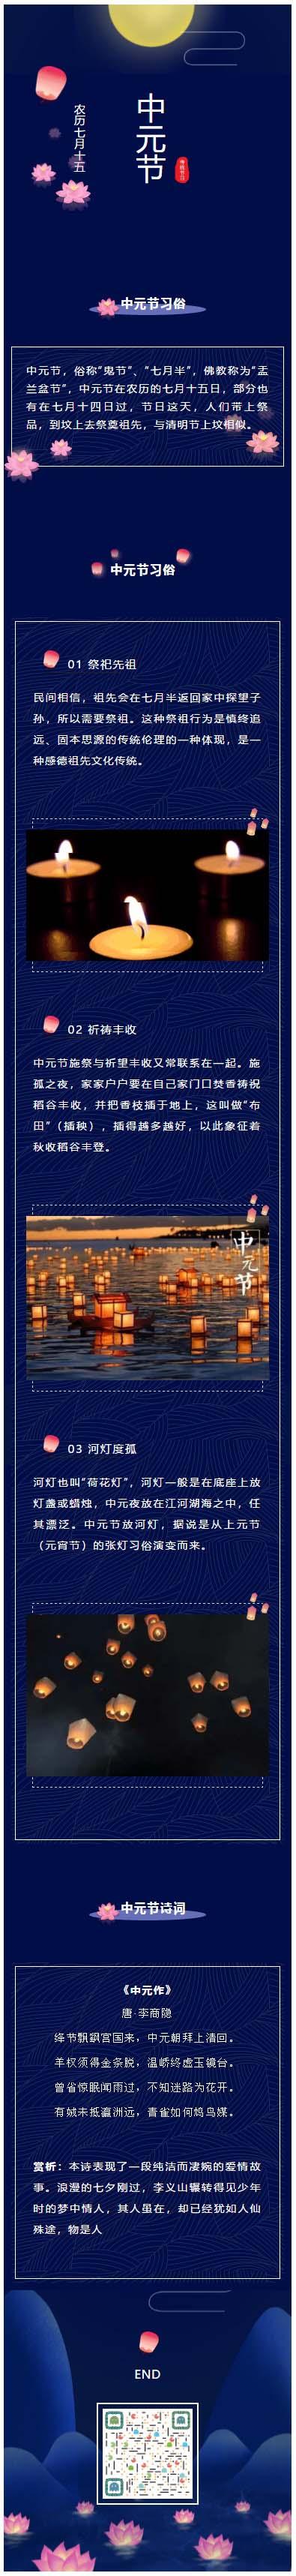 中元节鬼节七月半佛教盂兰盆节深蓝色背景微信模板推文模板推送图文